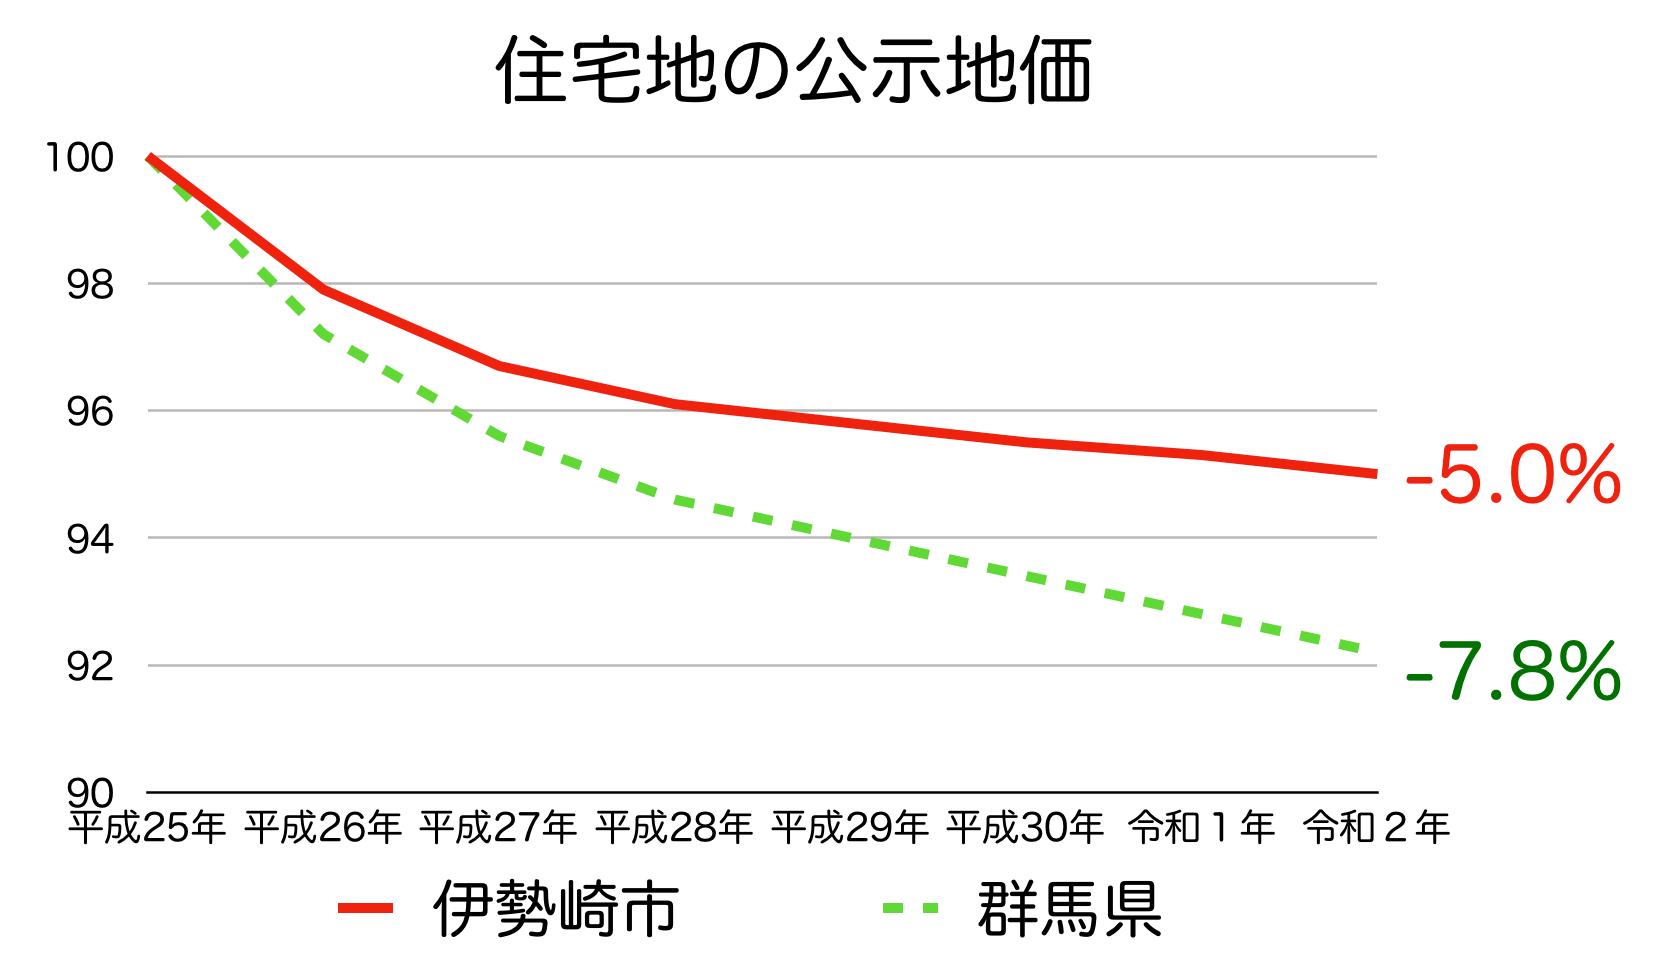 伊勢崎市の公示地価の推移(令和2年)